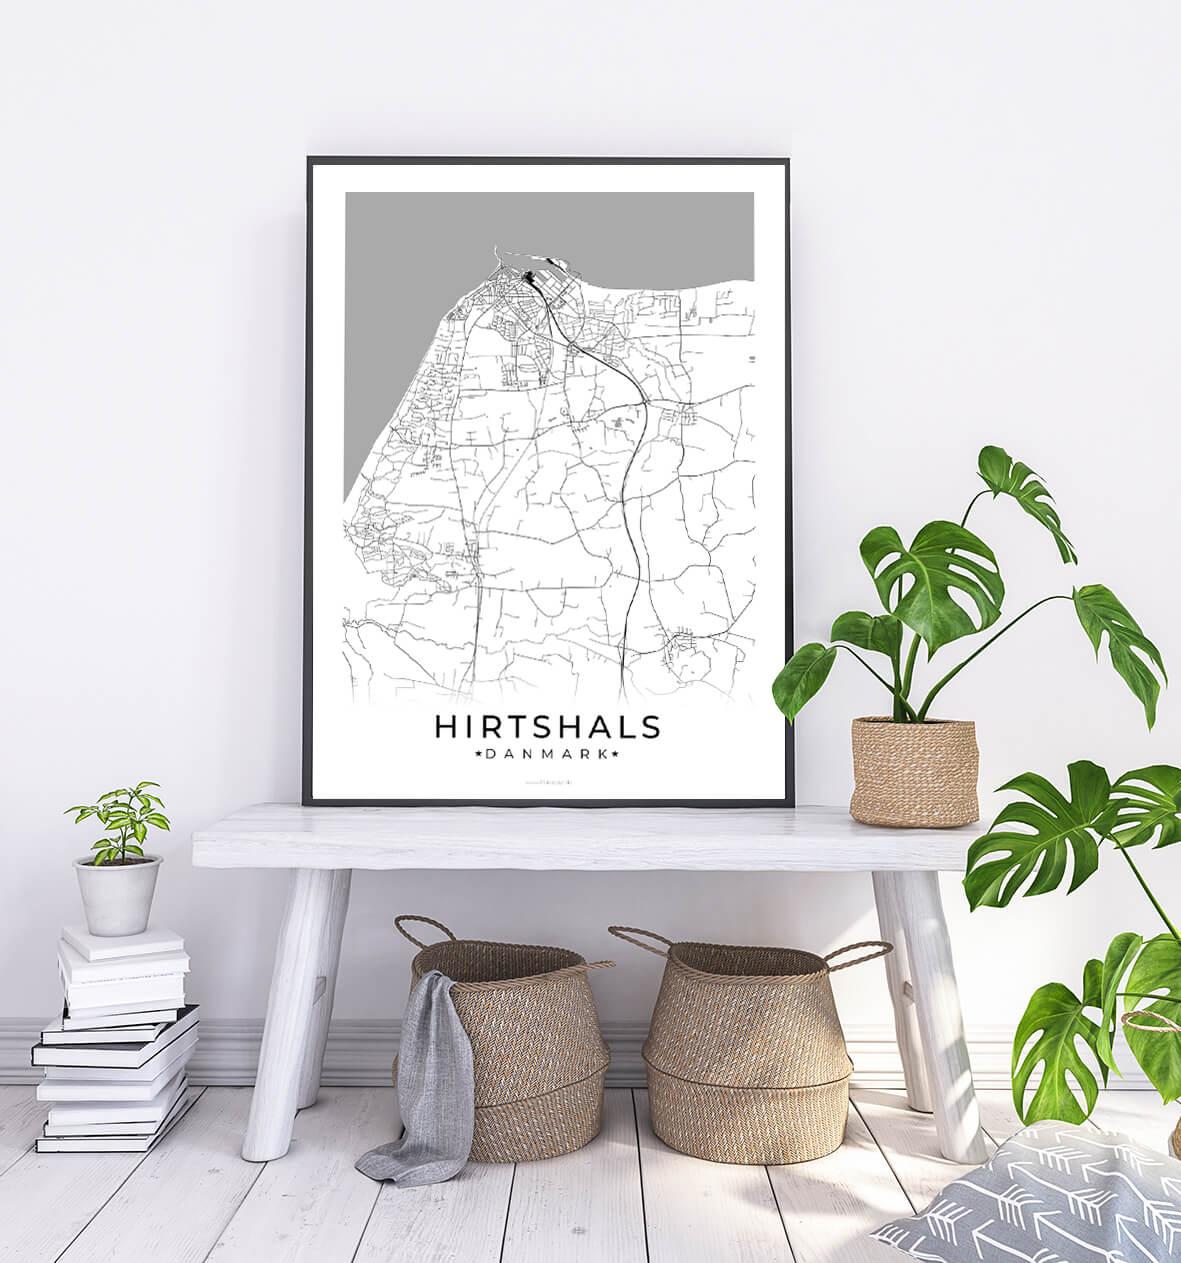 Hirtshals-hvid-byplakat-1